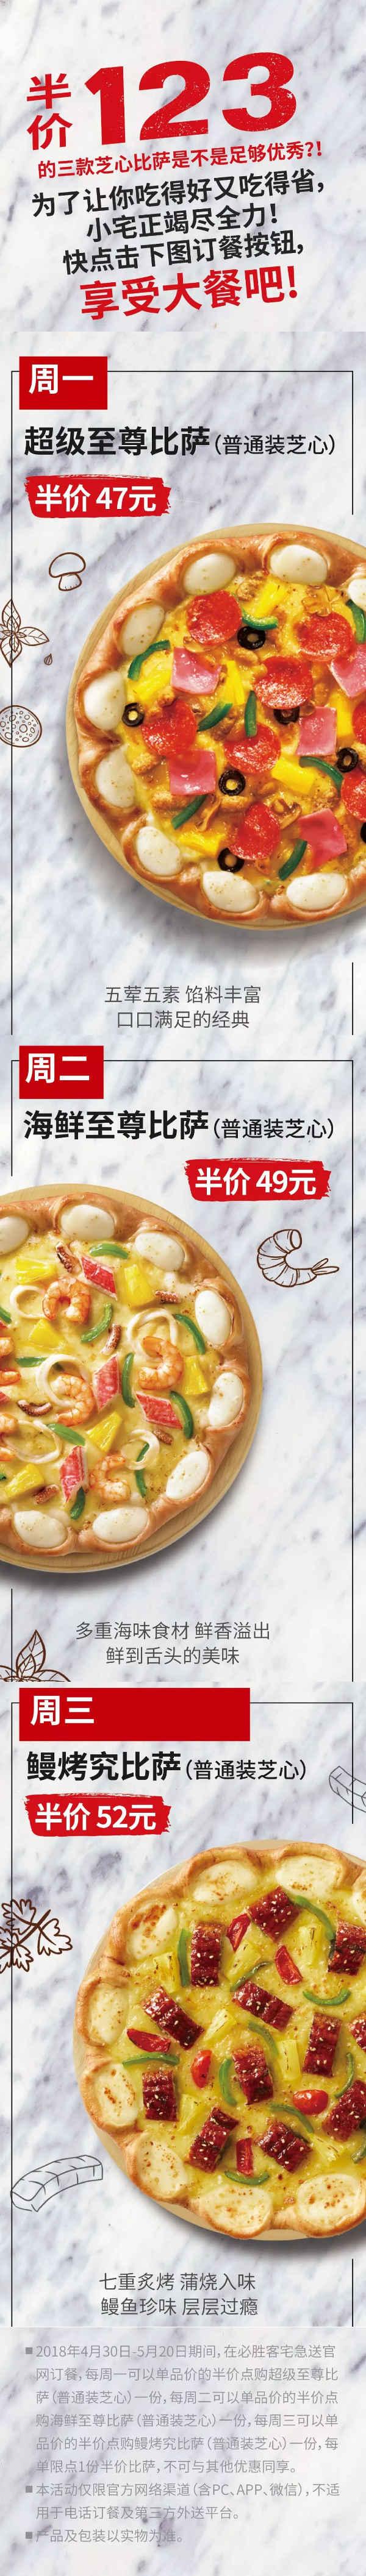 必胜客宅急送【半价123】,三款芝心比萨半价优惠